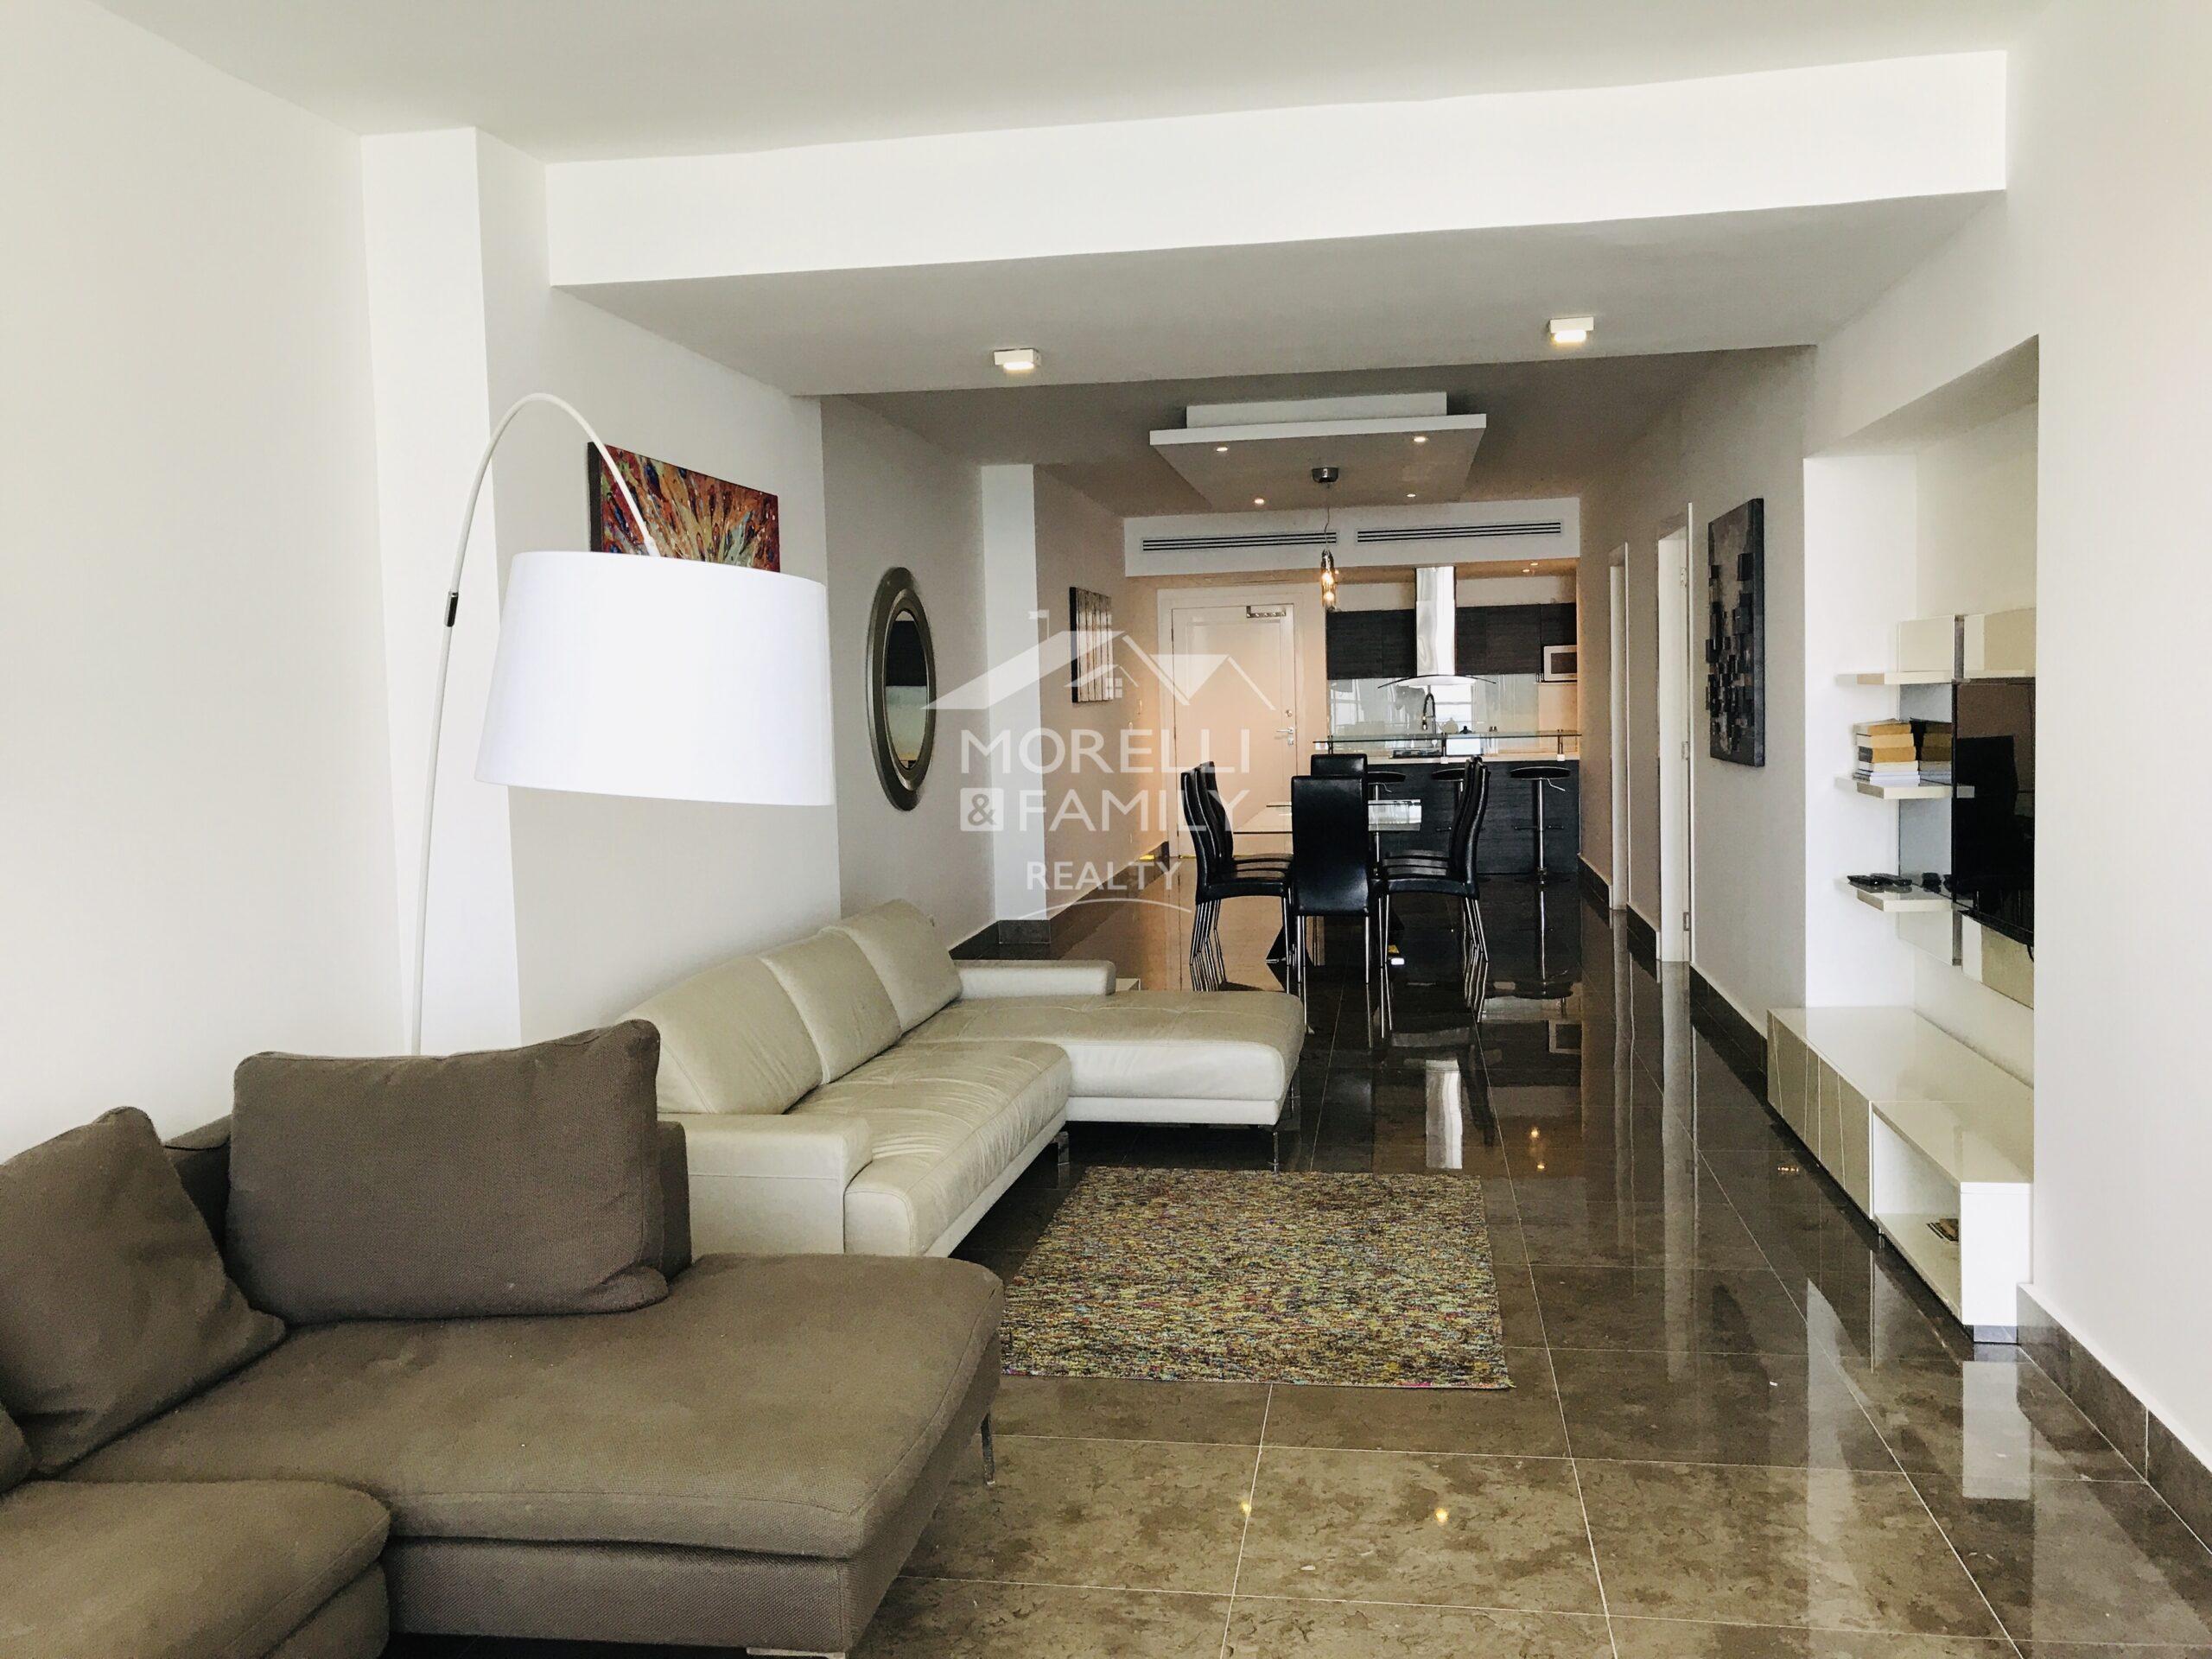 Alquiler de Apartamento – Avenida Balboa – Edificio YOO PANAMÁ 185 m2